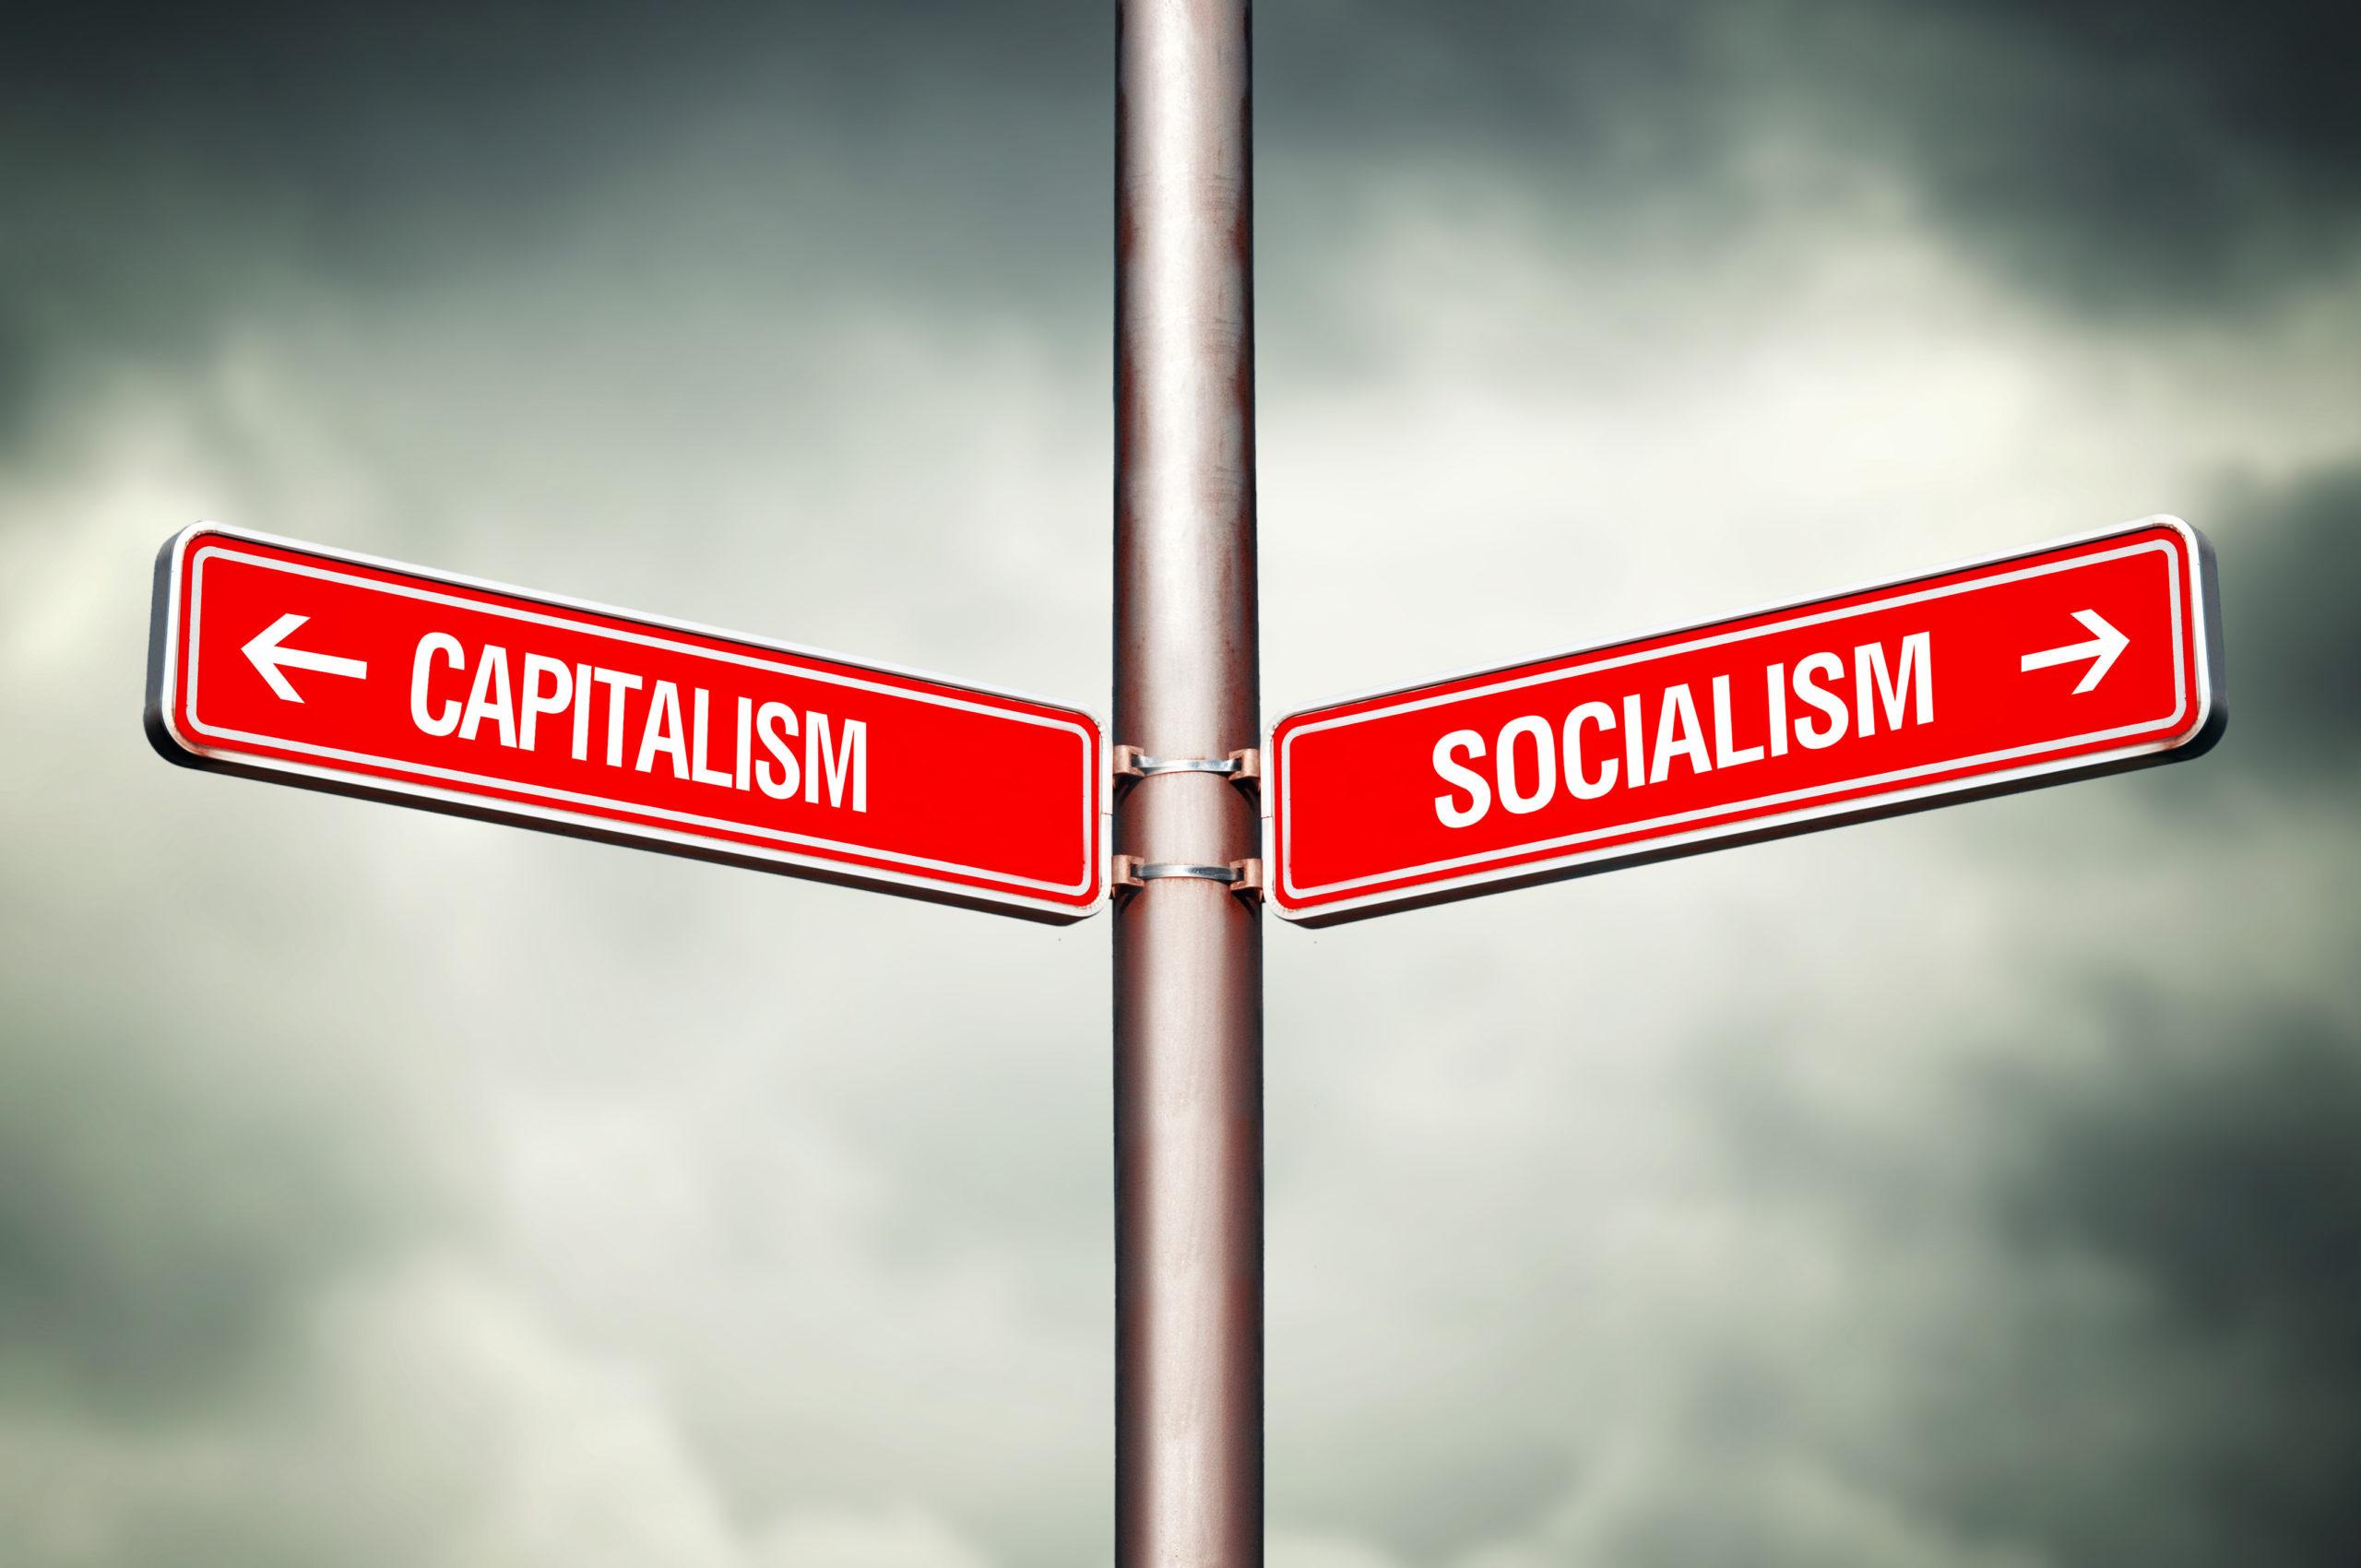 共産 主義 社会 主義